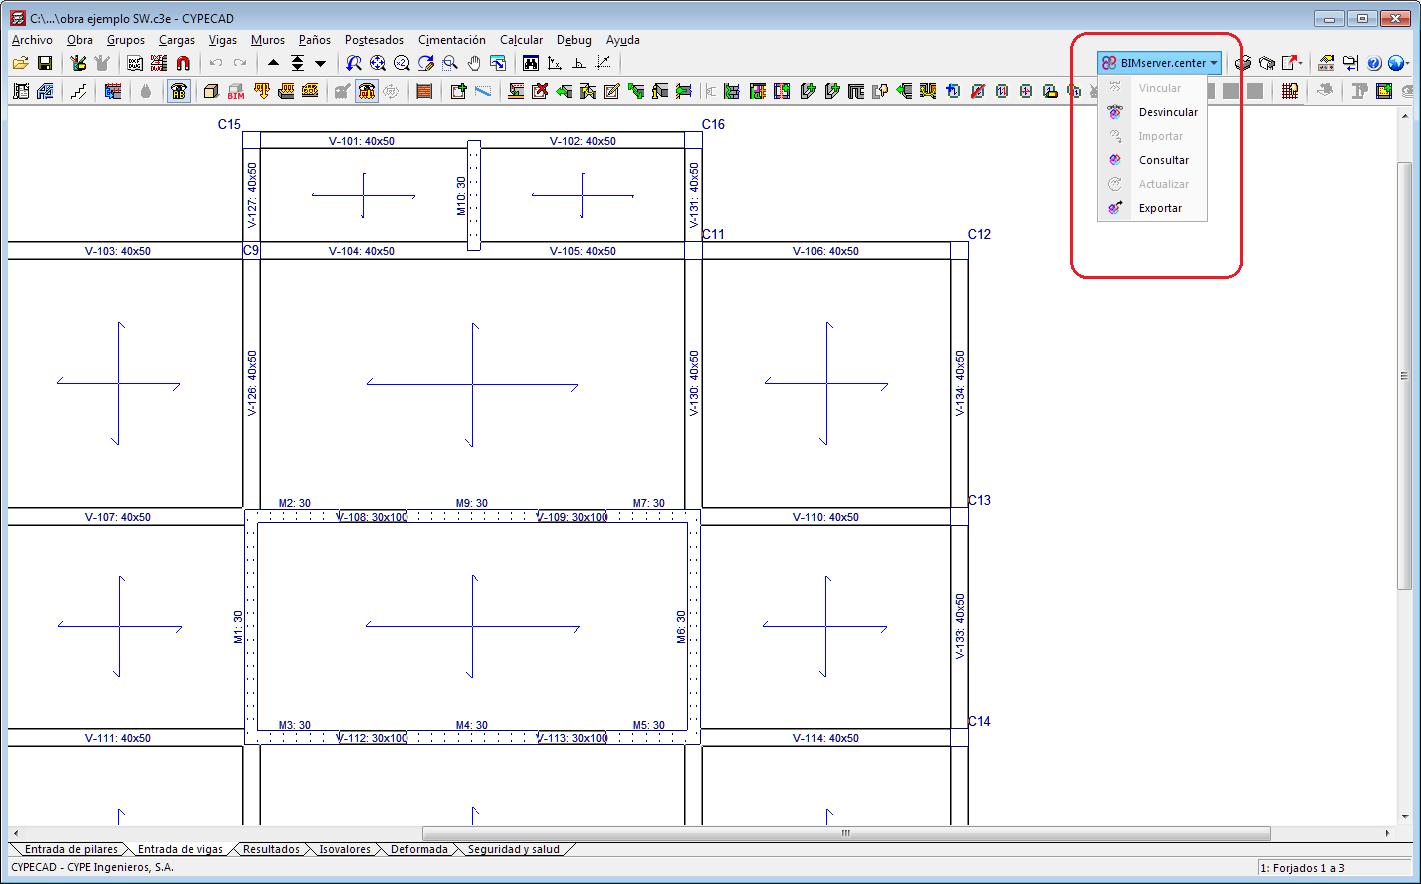 CYPECAD. Open BIM workflow